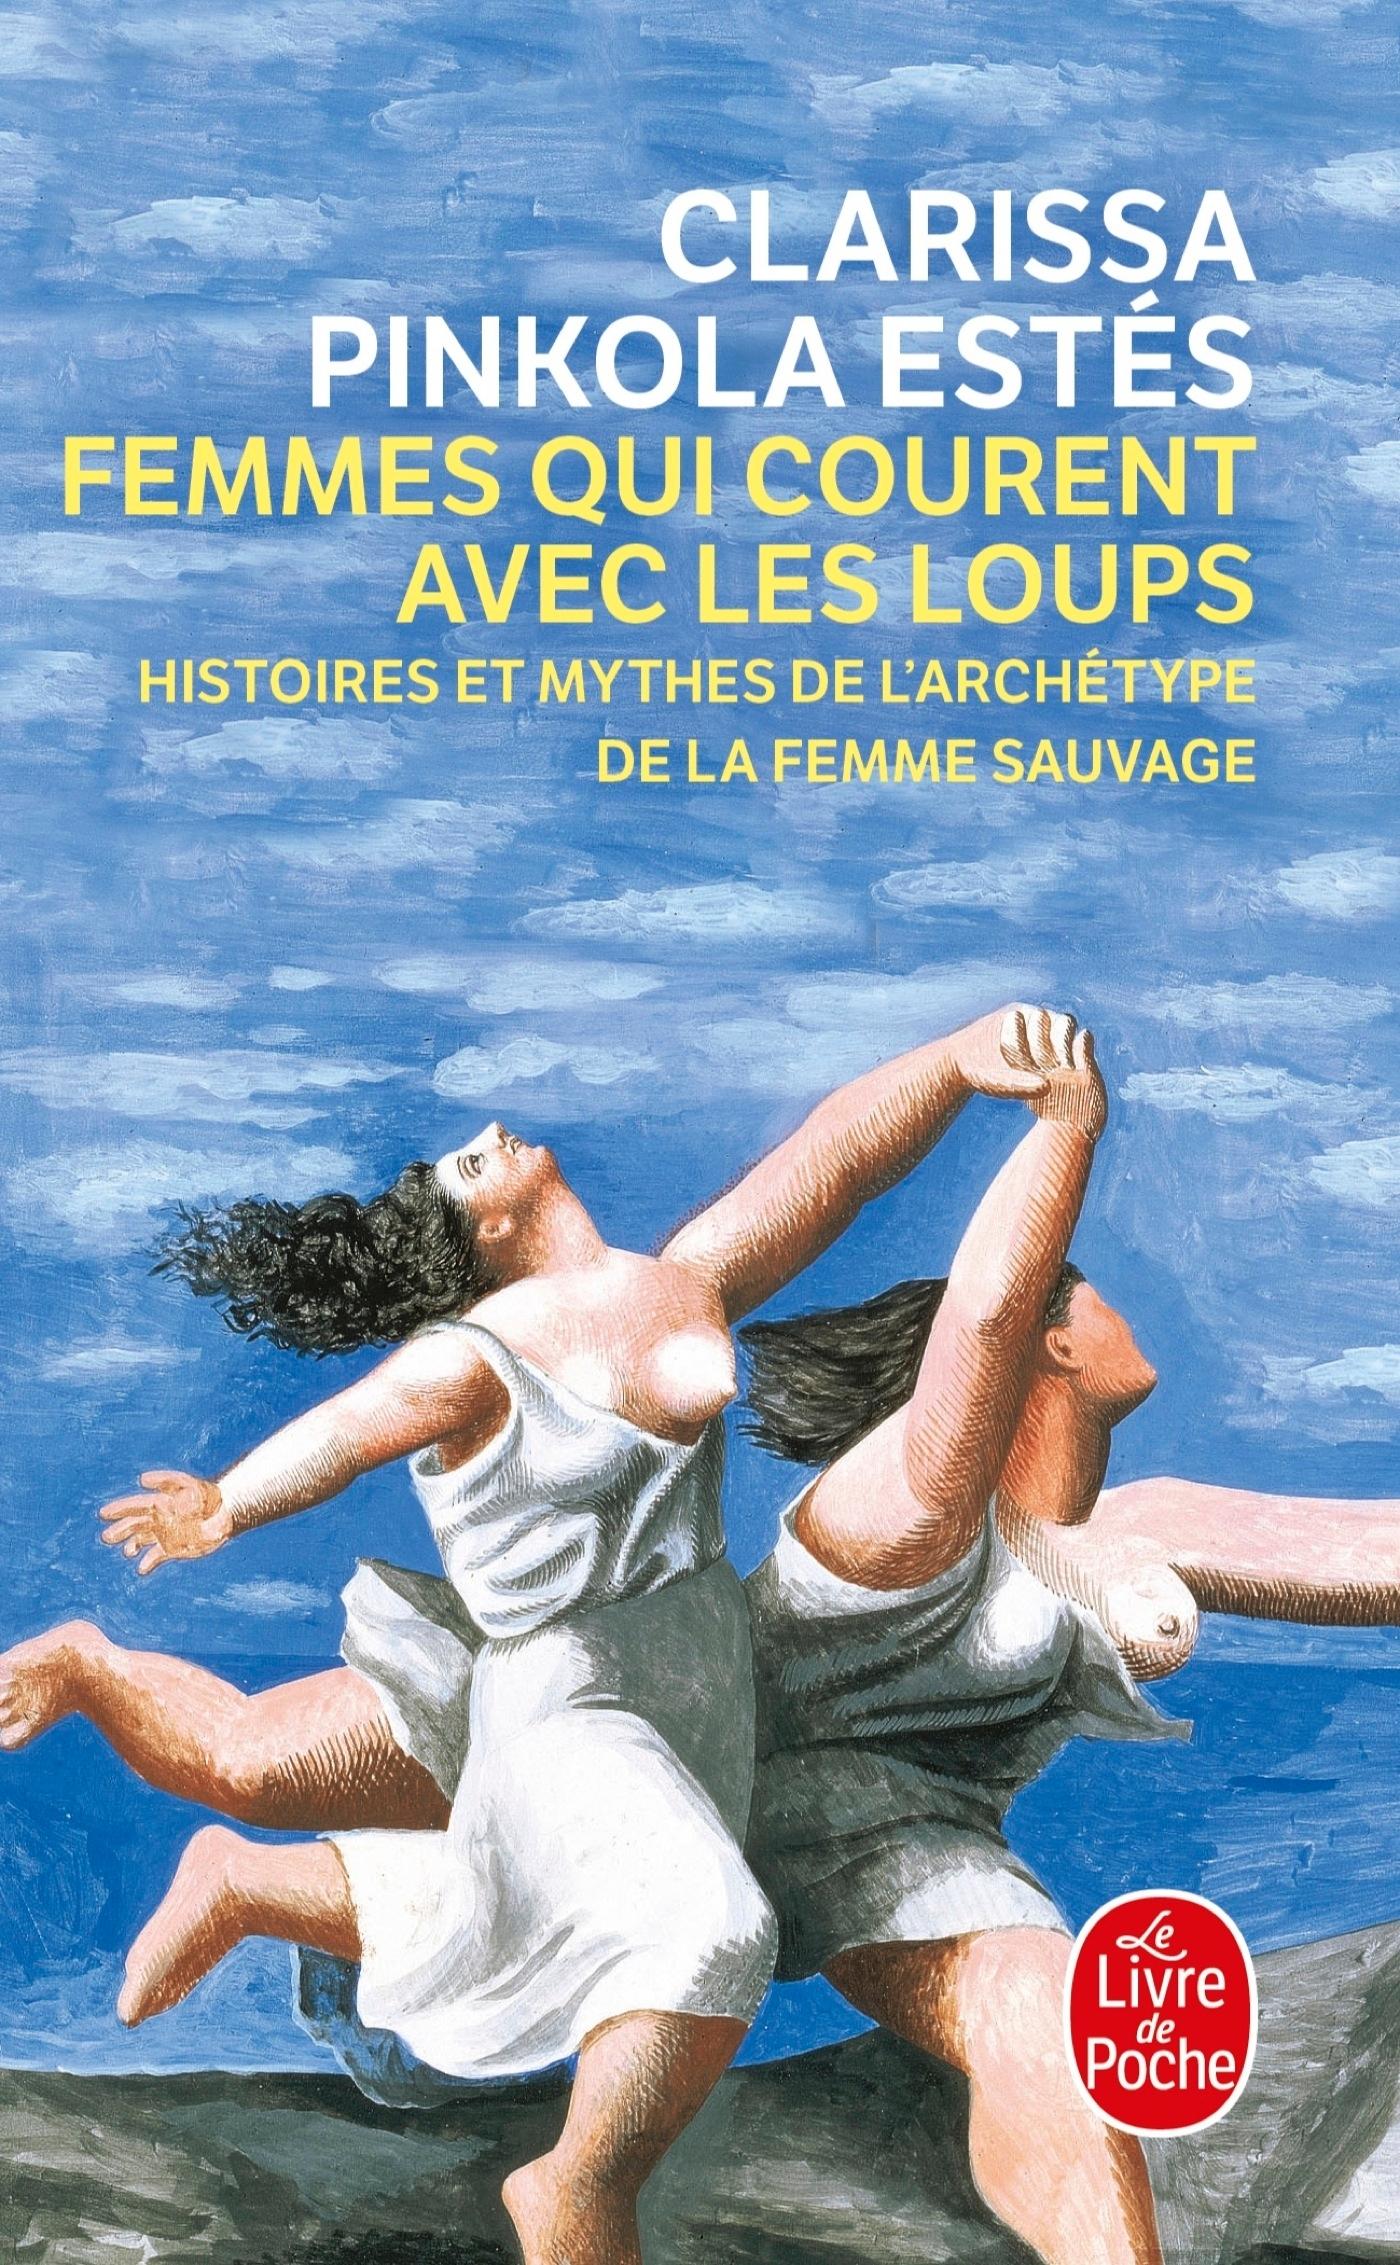 FEMMES QUI COURENT AVEC LES LOUPS - HISTOIRES ET MYTHES DE L'ARCHETYPE DE LA FEMME SAUVAGE